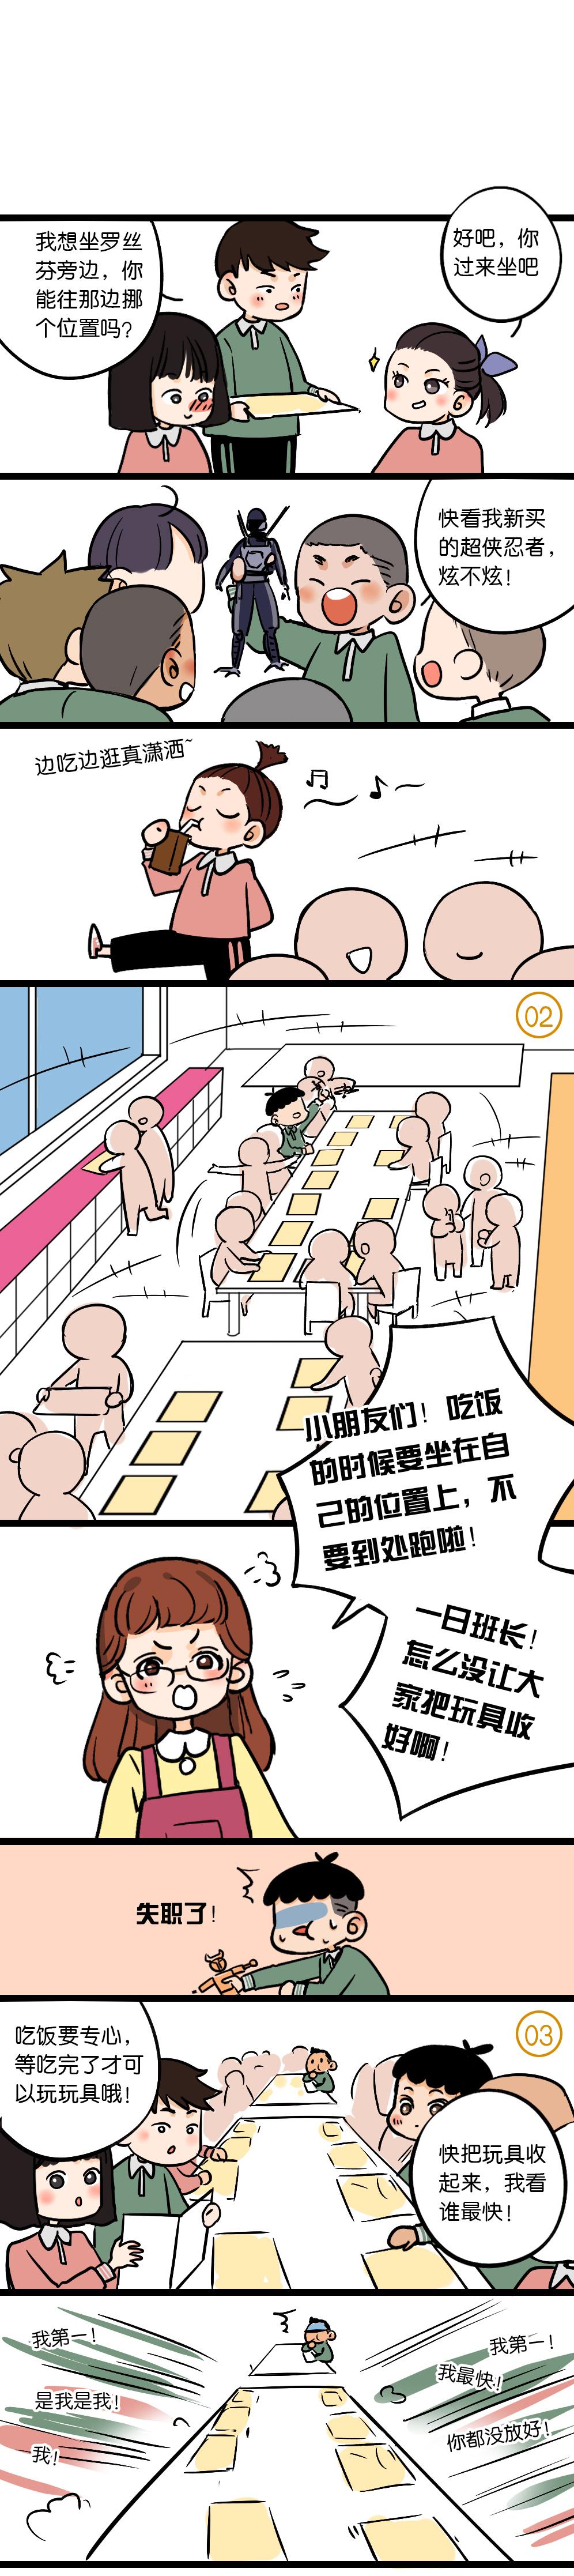 0308餐桌03.jpg